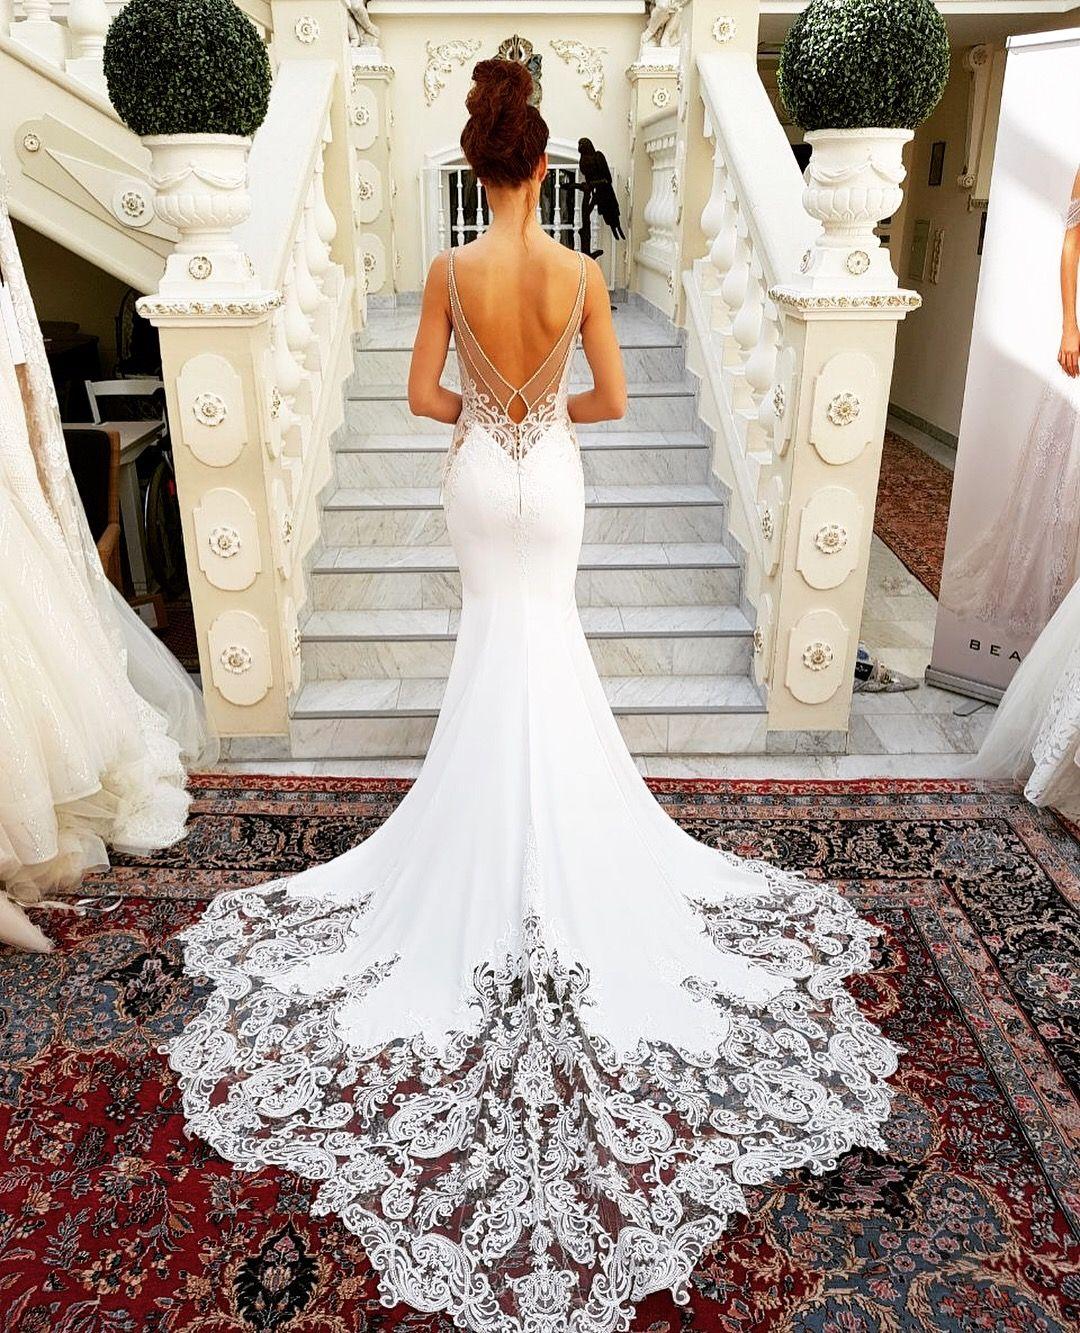 In love with Enzoani! Spektakuläres Brautkleid aus der Kollektion 2019 #preview #kollektion2019 #bridalwear #gorgeous #weddingdress #bridalinspo #lacedress #gorgeousgowns